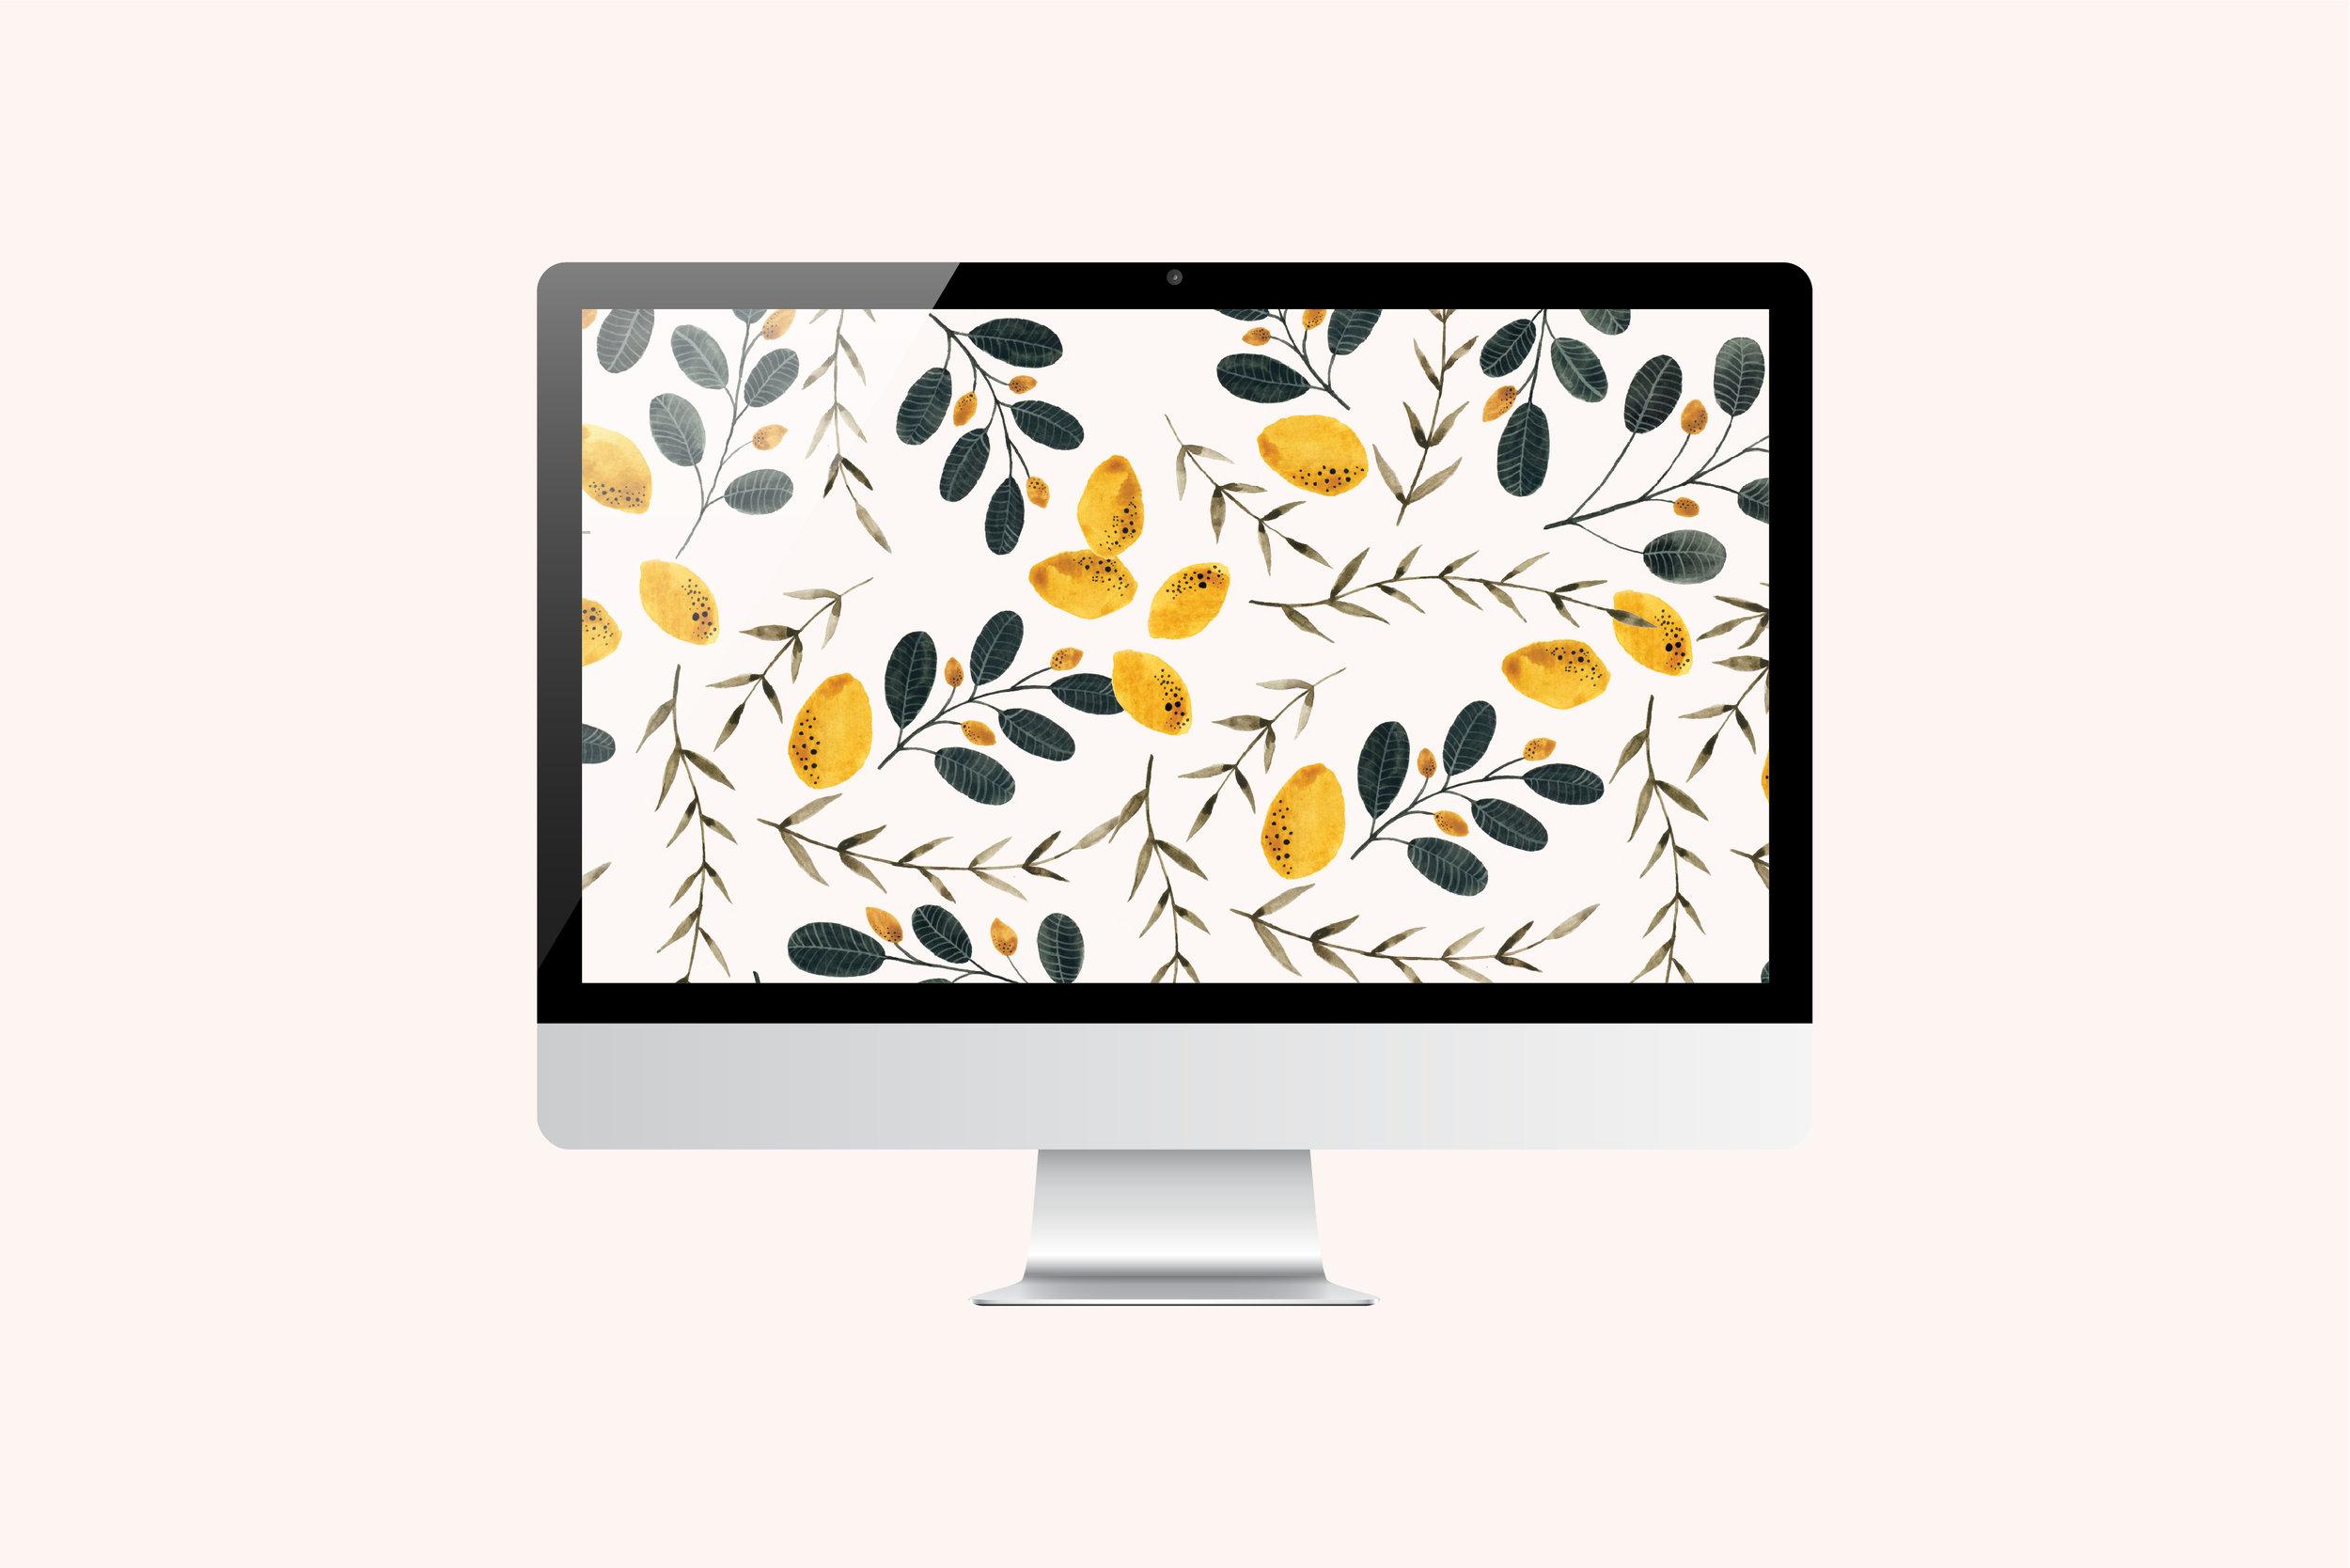 Wilkie_maryclarewilkie-Lemon-pattern-watercolour-04.jpg